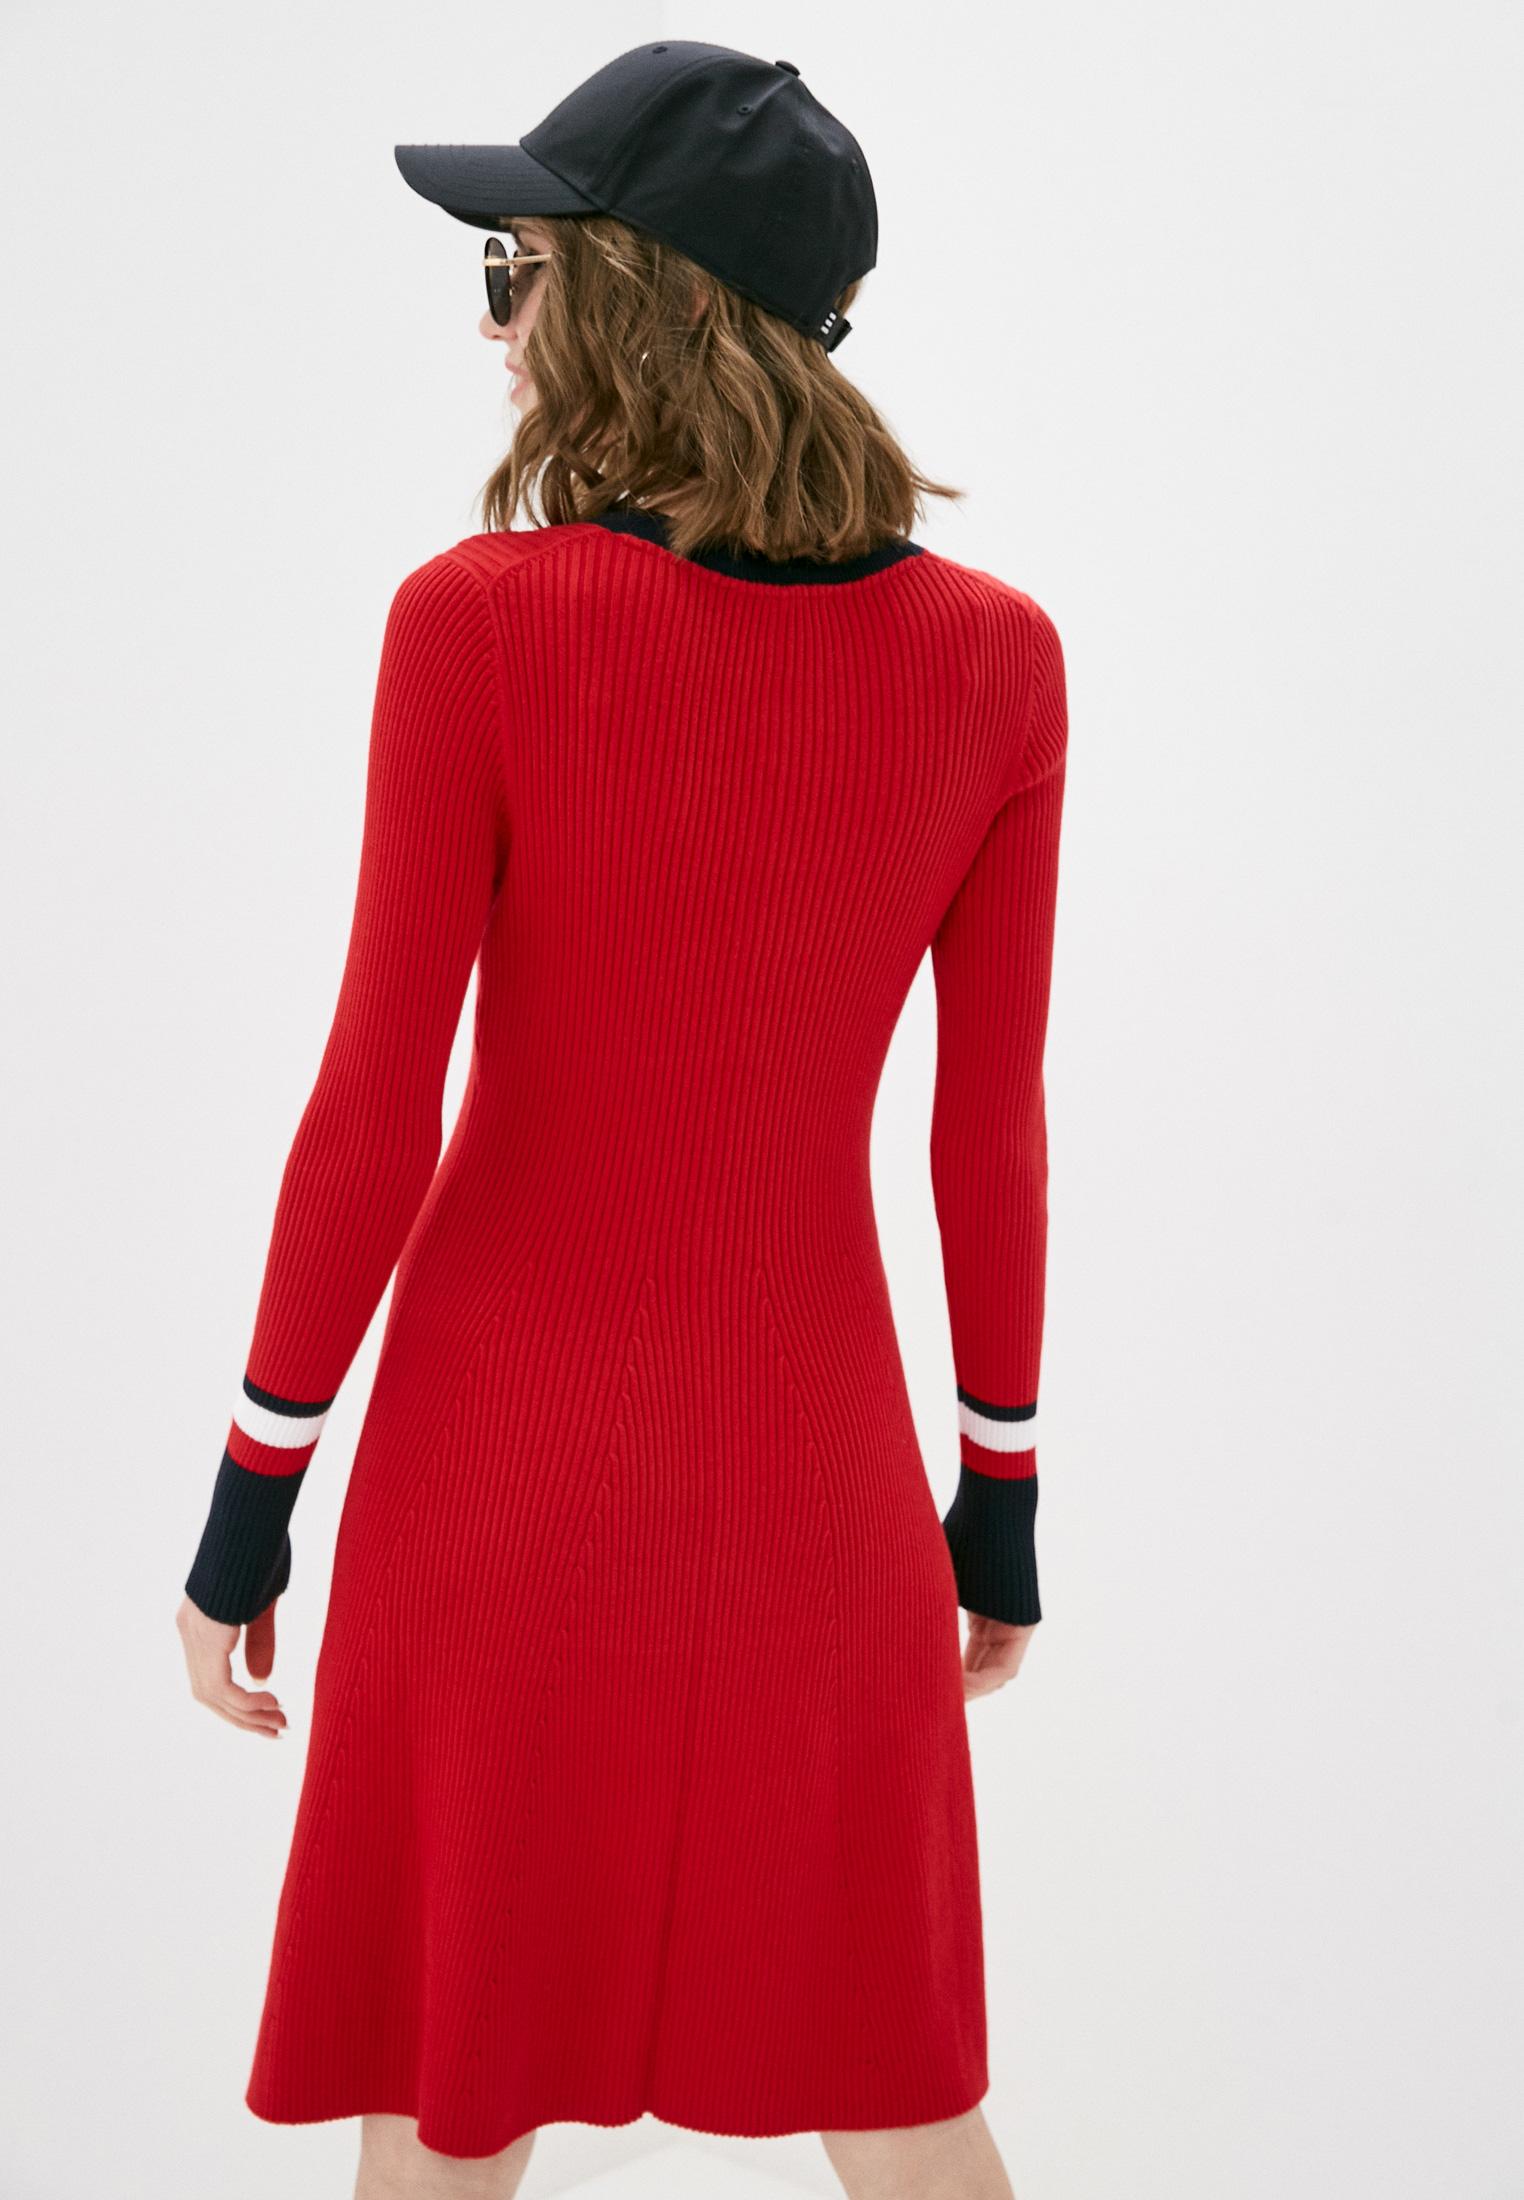 Вязаное платье Tommy Hilfiger (Томми Хилфигер) WW0WW31092: изображение 3